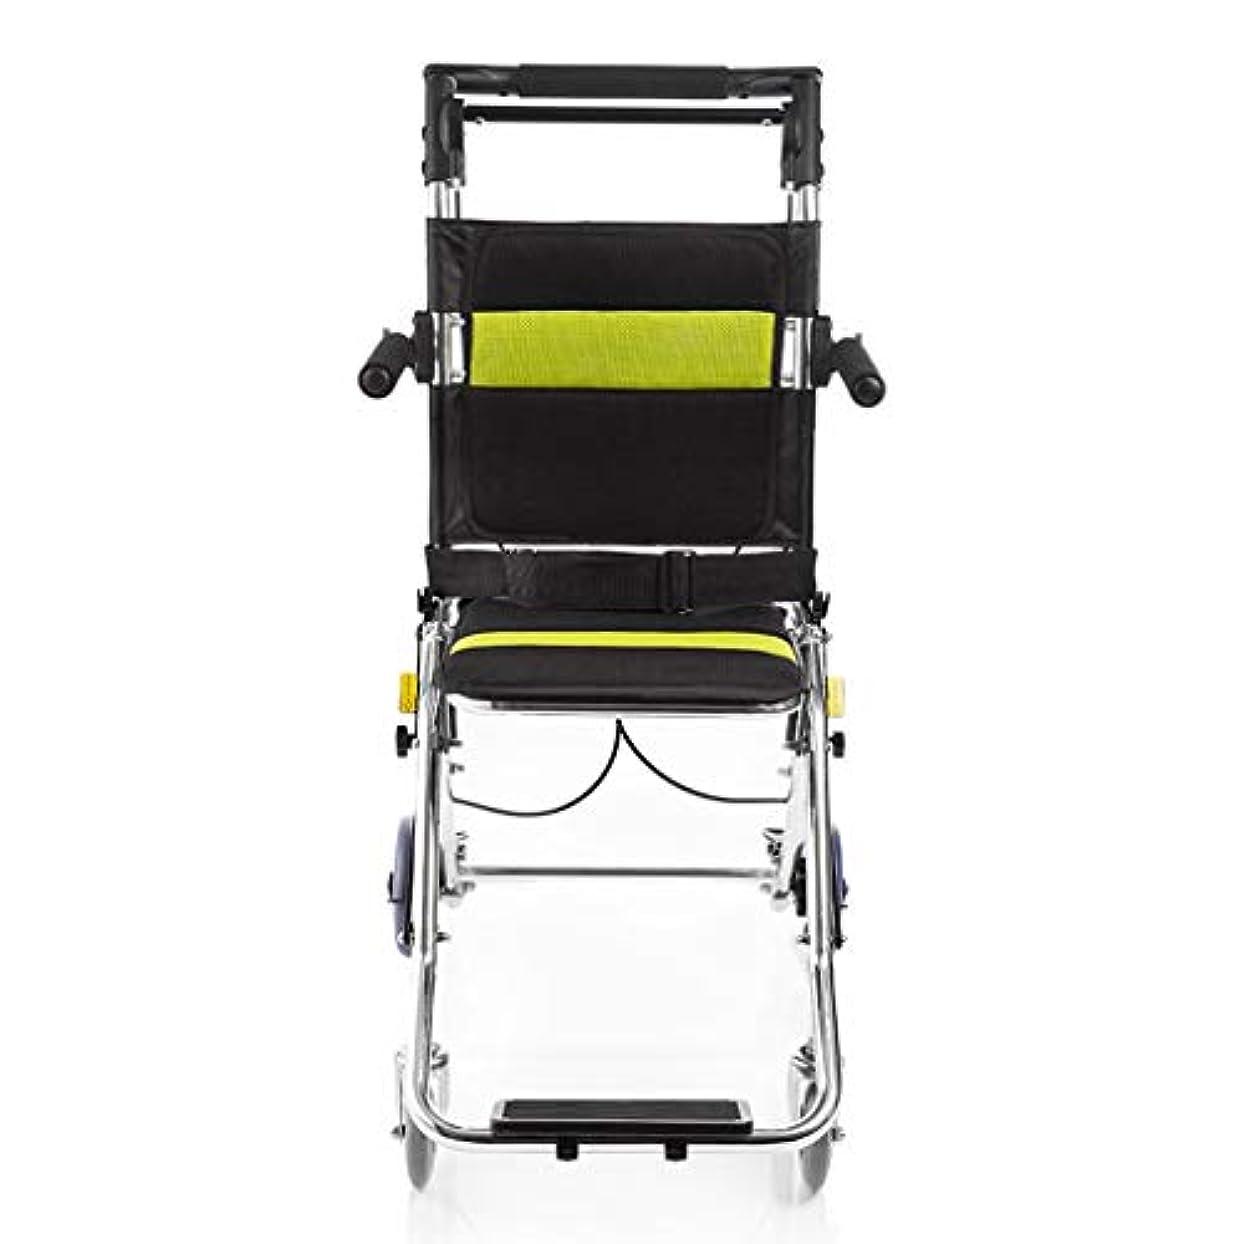 狼苗故意に折りたたみ車椅子、75 Kgの高齢者用屋外車椅子ベビーカーを運ぶことができます